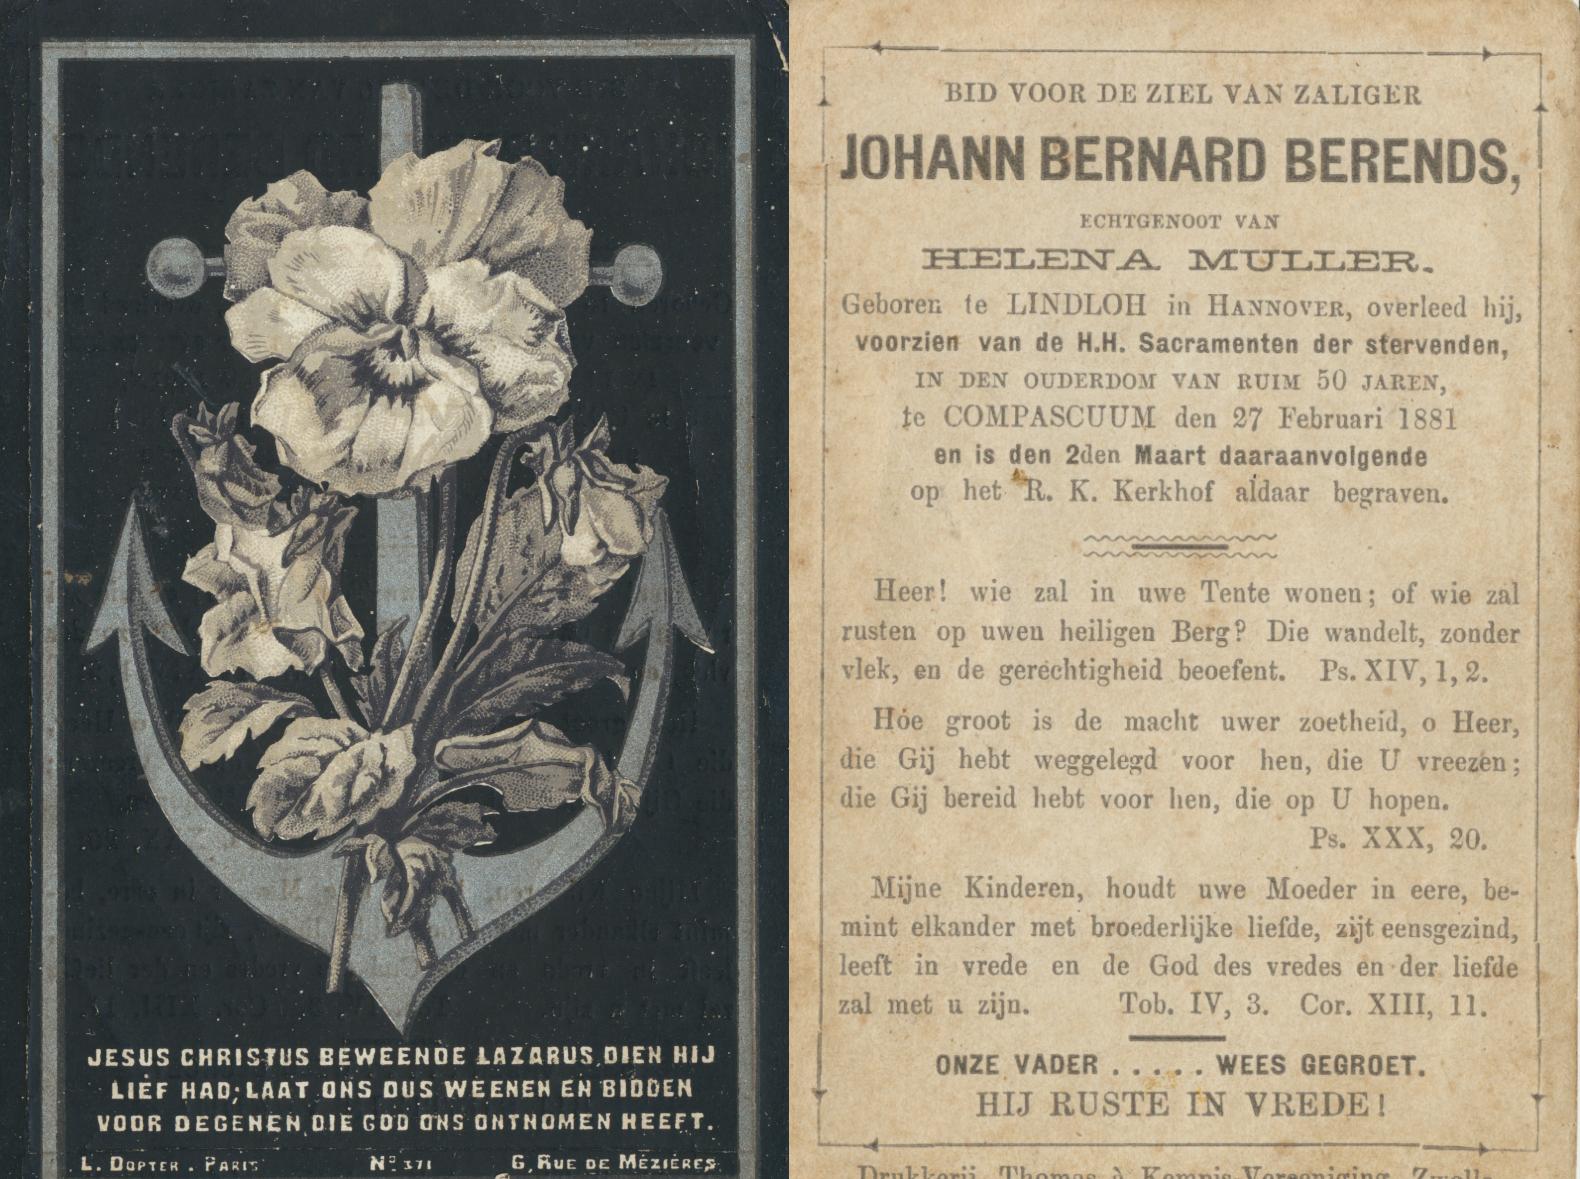 johann-bernard-berends-1831-1881 bidprentje